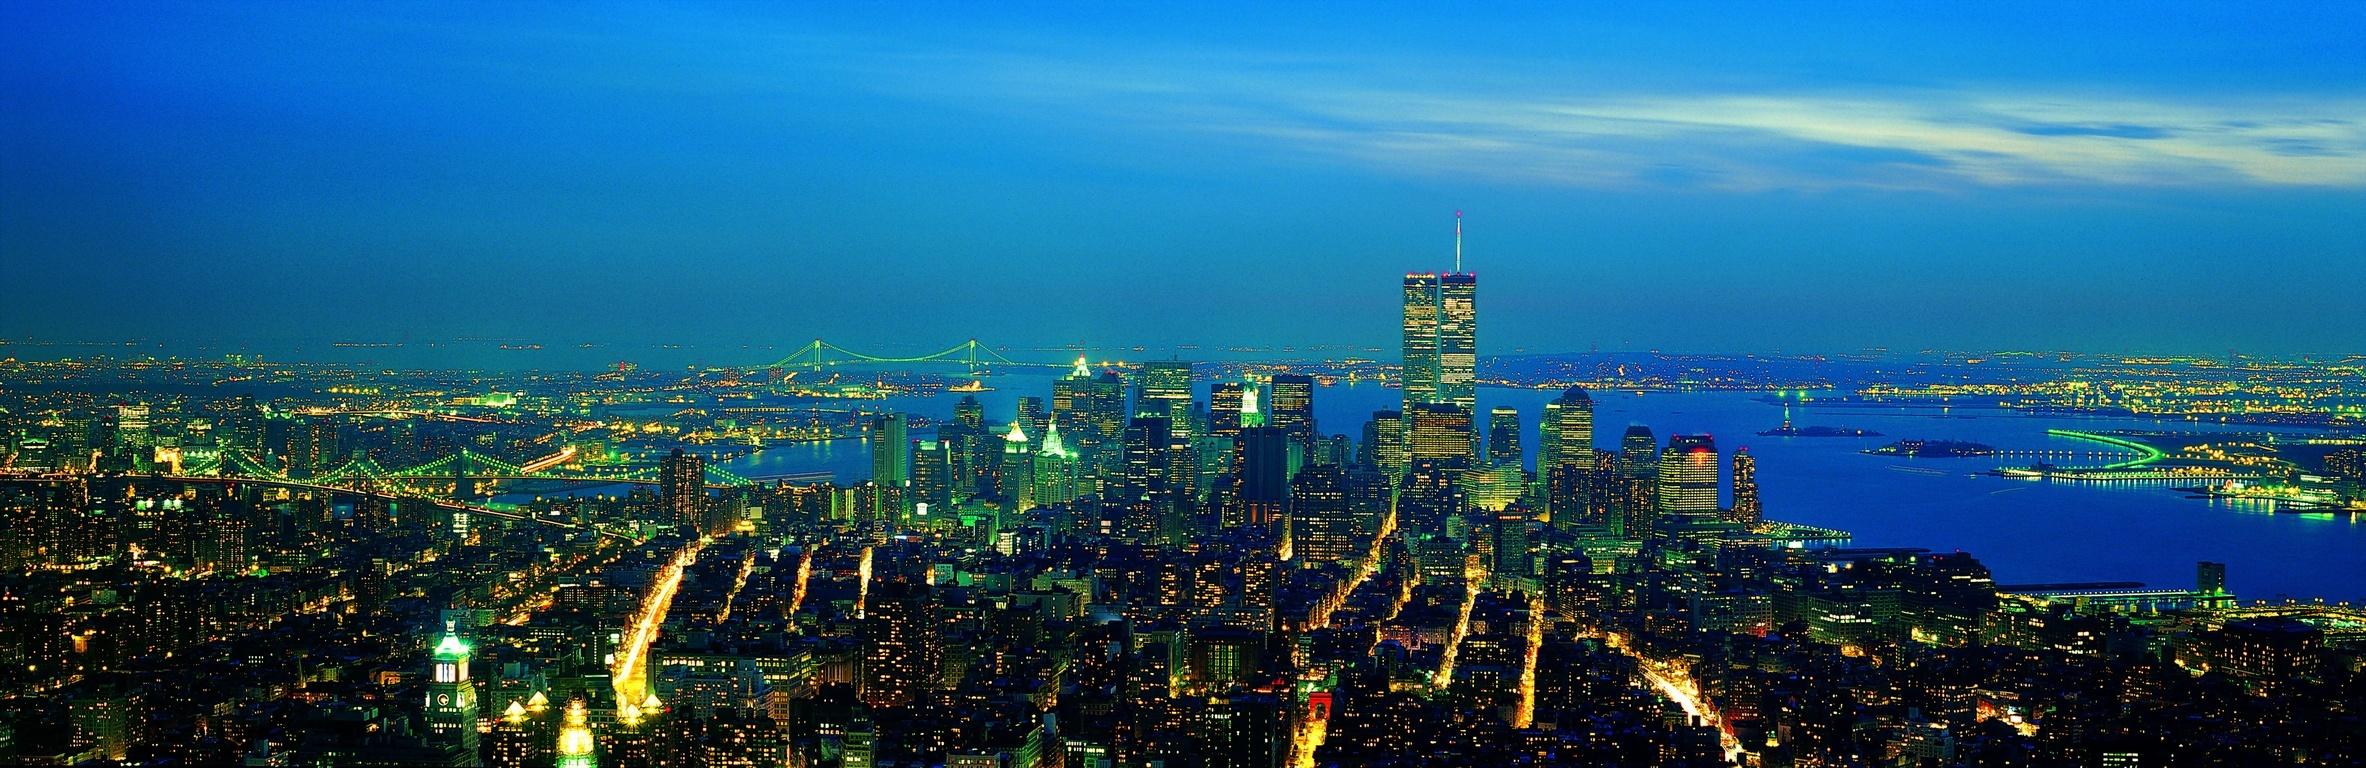 ニューヨーク(アメリカ) 壁紙 - New York, US WALLPAPER